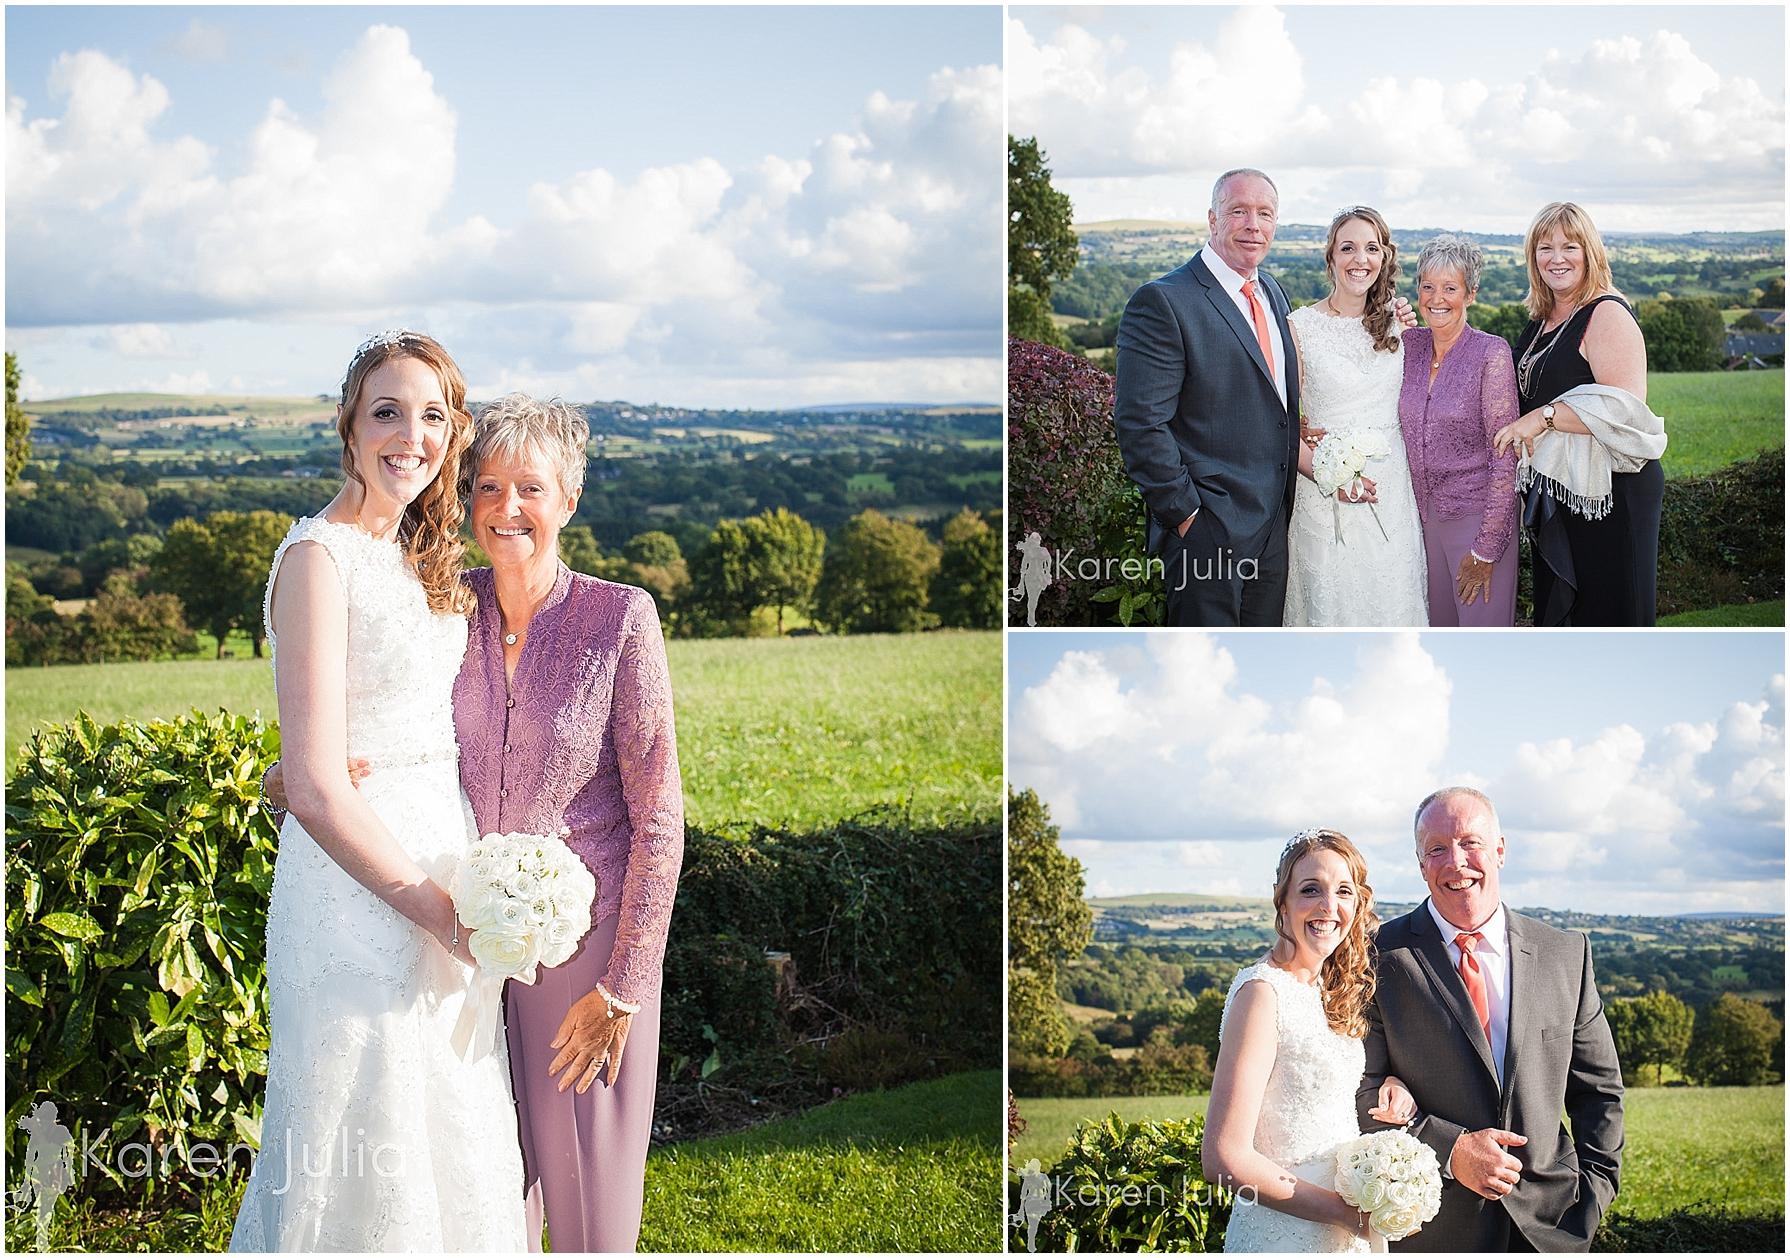 Shireburn-Arms-Wedding-Photography-47